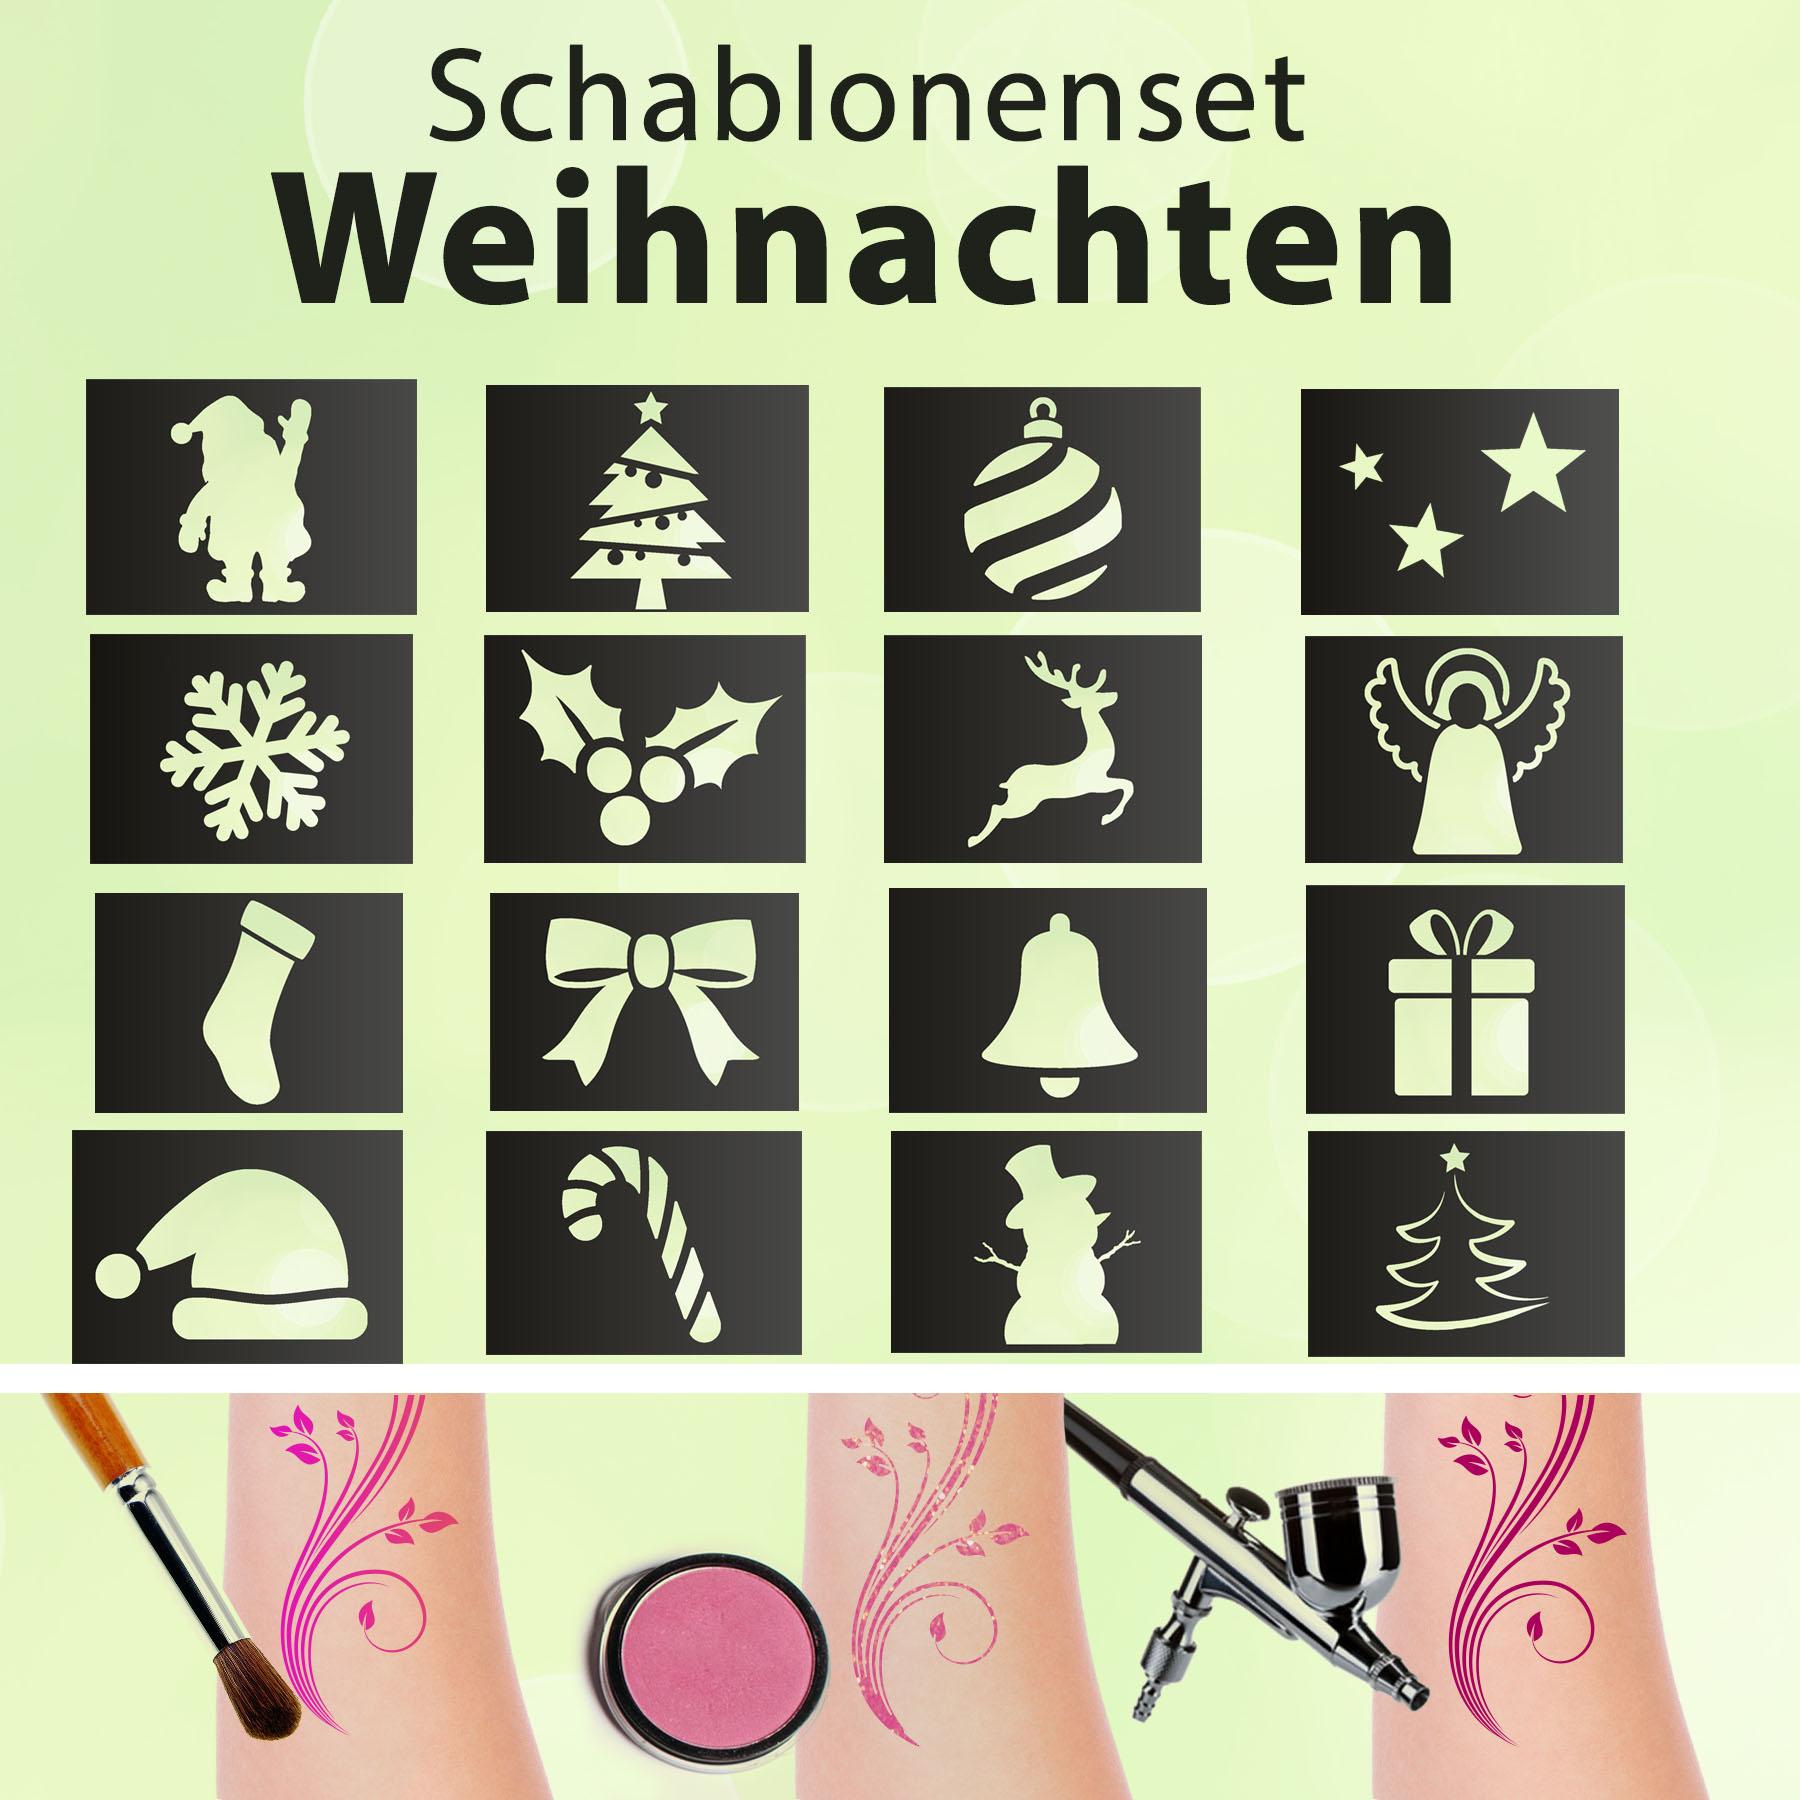 Tattoo Schablonen SET Kinder Weihnachten (16 Schablonen) Selbstklebend schminken Airbrush Geschenkid